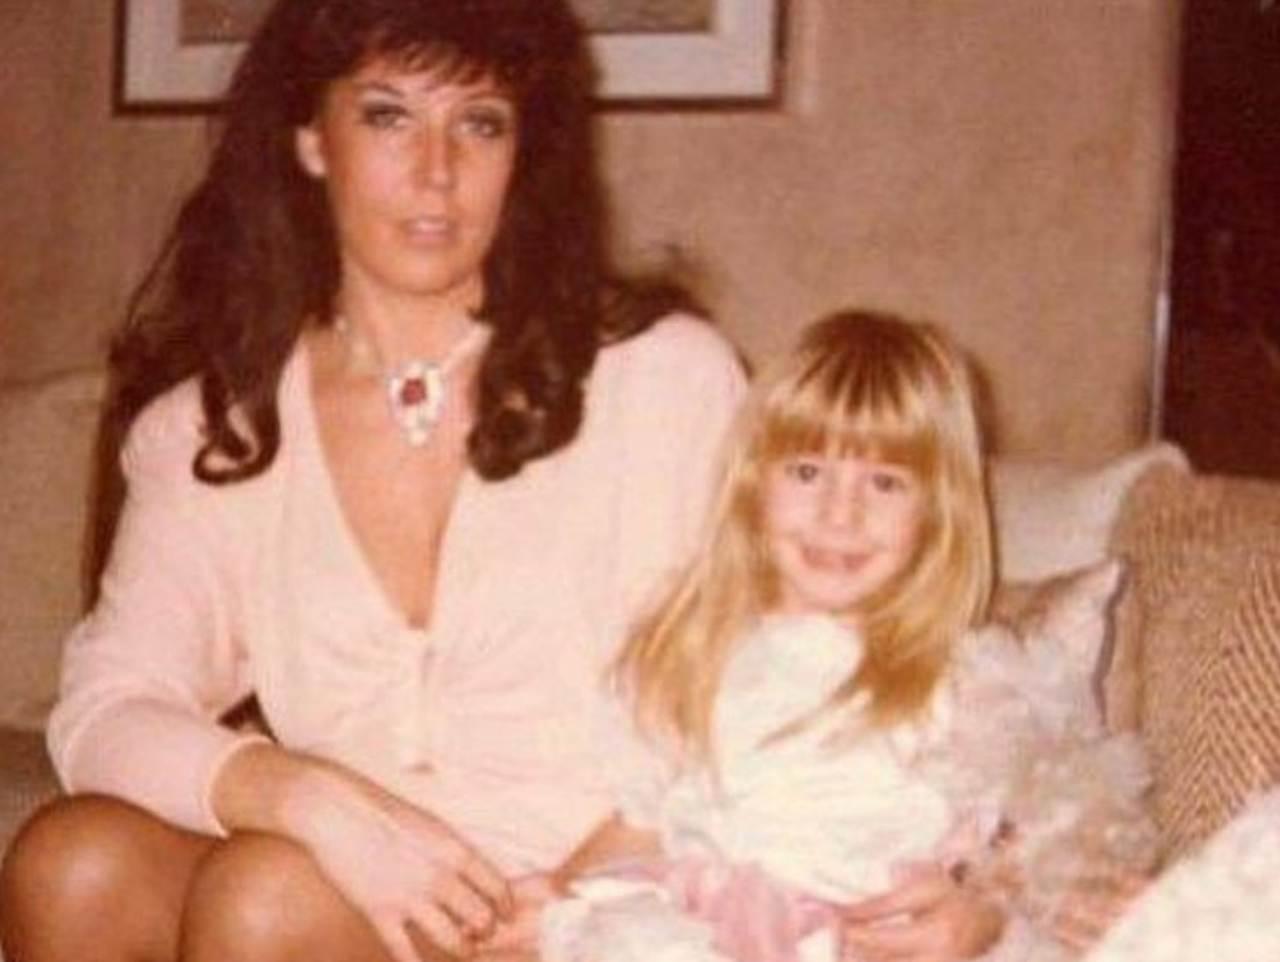 Giada De Blanck da piccola: ecco com'era prima di diventare famosa la figlia della contessa